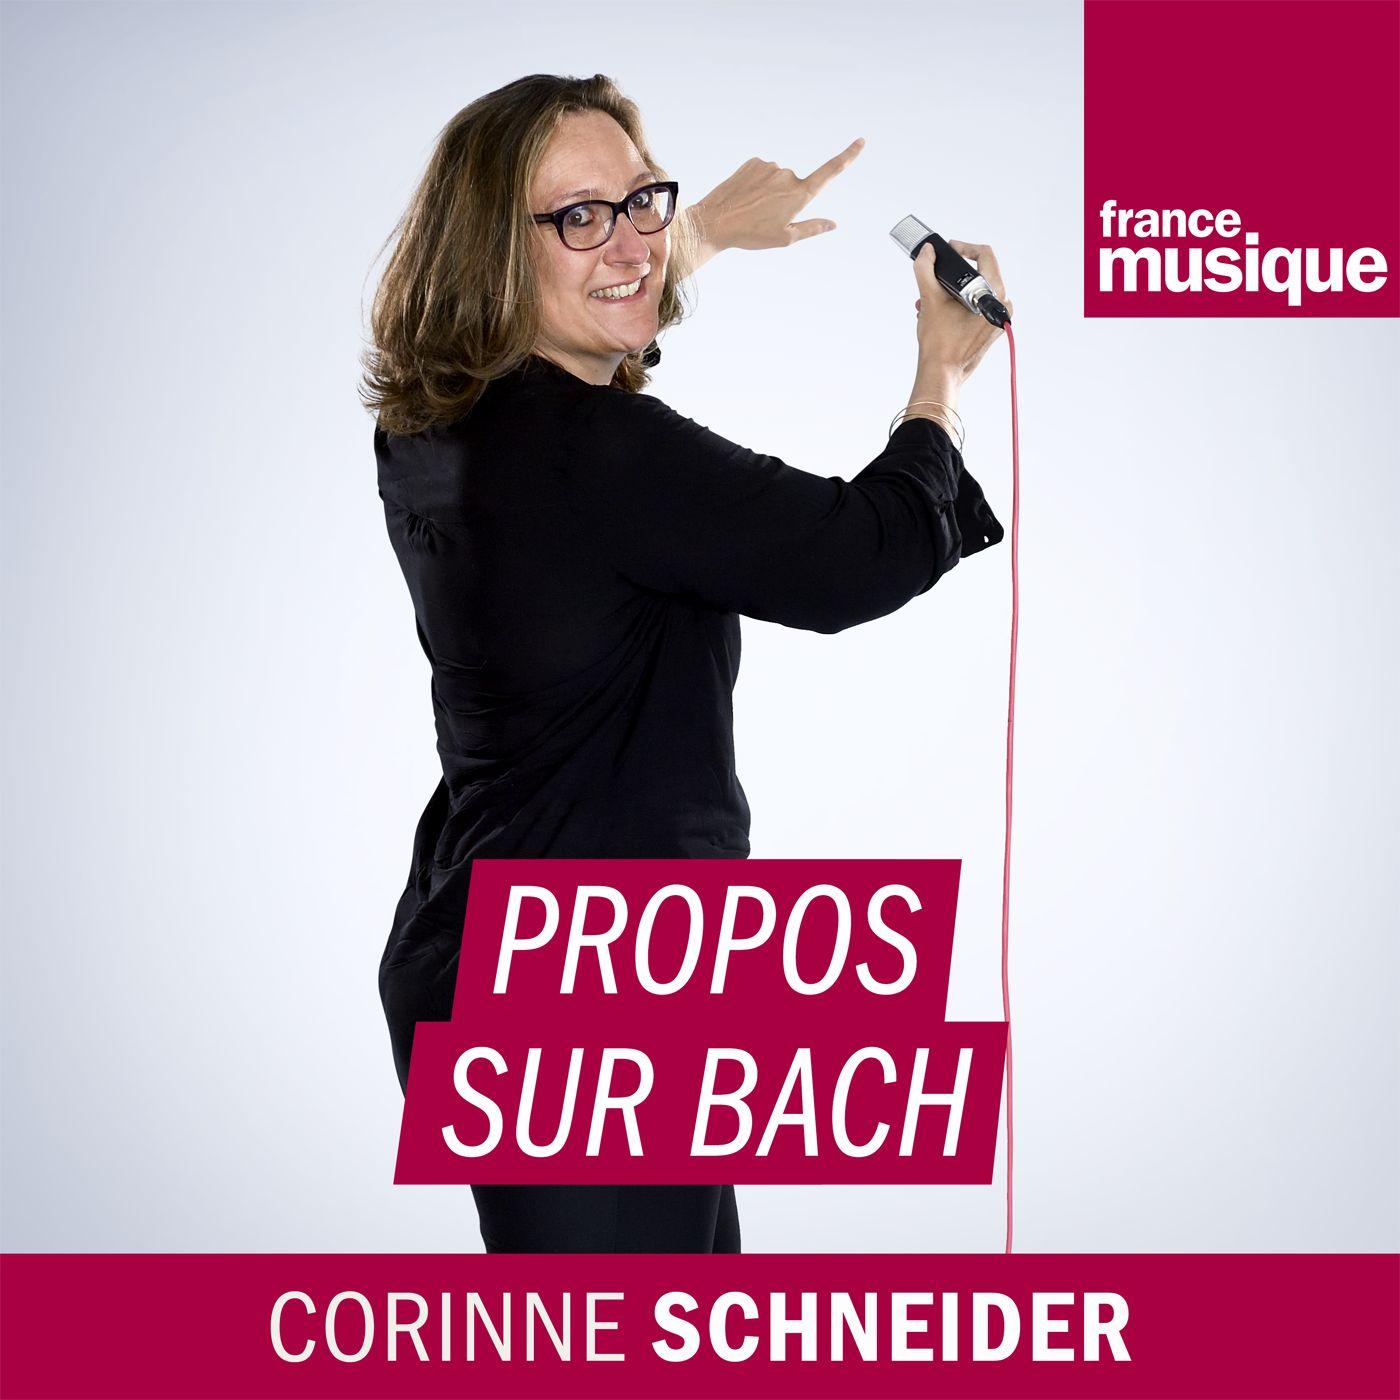 Image 1: Propos sur Bach